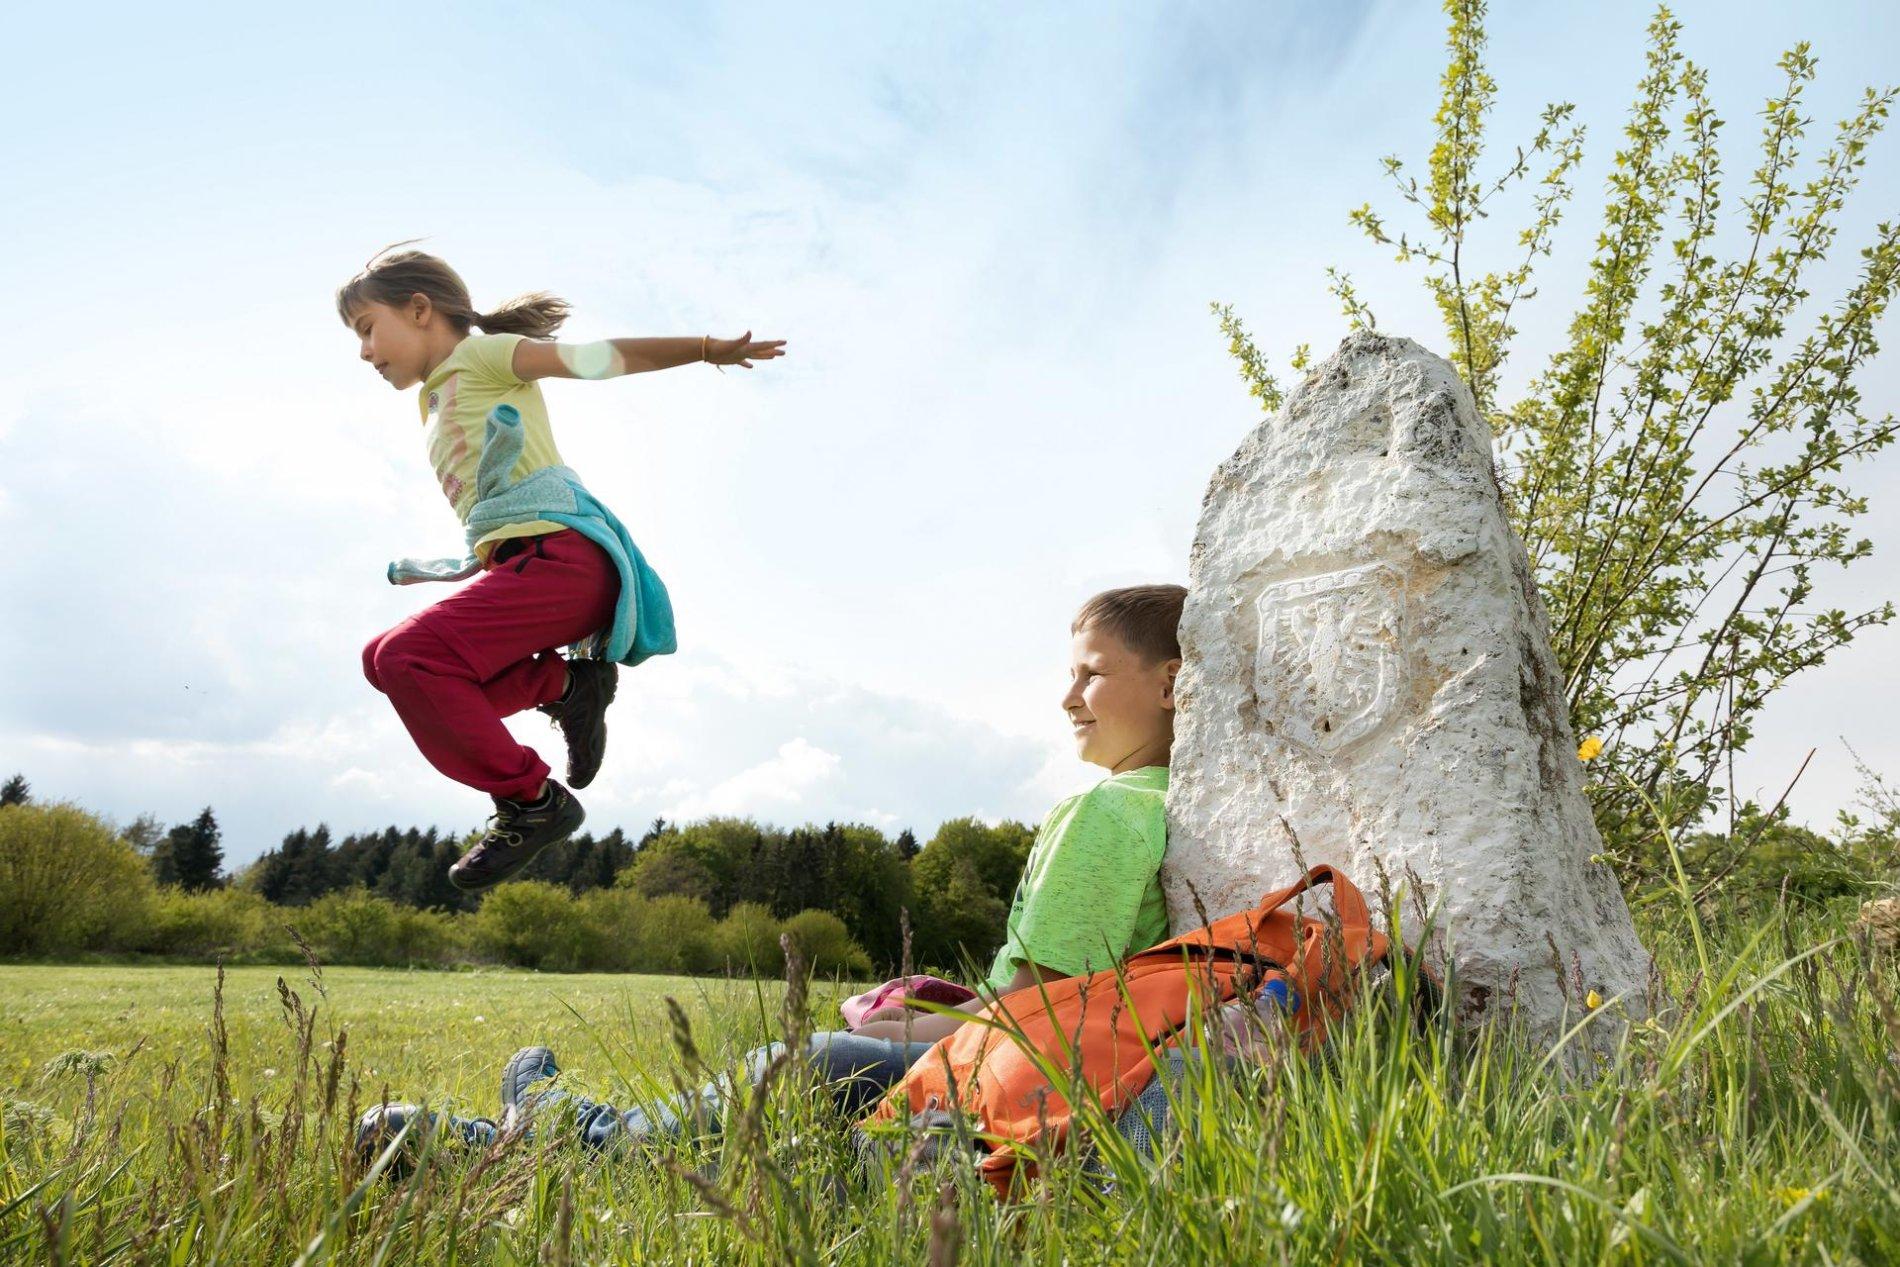 Ein Kind sitzt lächelnd an einem hellen Stein mit einem Wappen darauf und lehnt sich mit dem Rücken dagegen.ein anderes Kind springt hoch über seine Beine. Im Hintergrund ist Wiese und Wald. Der Himmel ist leicht bewölkt.